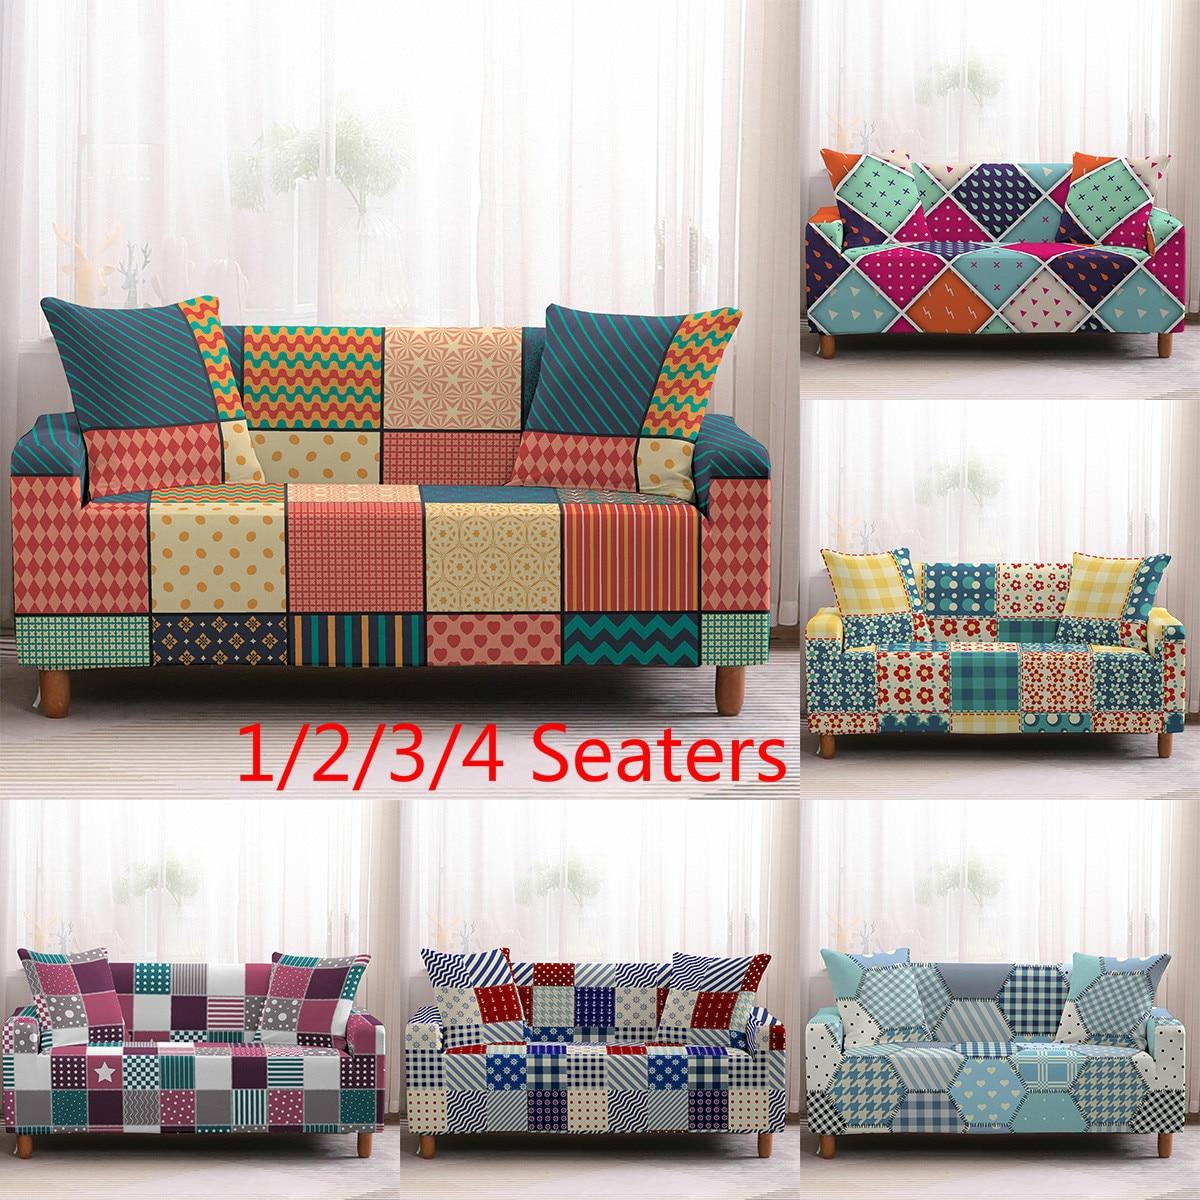 Геометрические эластичные чехлы для диванов из спандекса, плотные чехлы для диванов, все включено, чехлы для диванов для гостиной, секционные чехлы для диванов, Любовное сиденье|Покрывало на диван|   | АлиЭкспресс